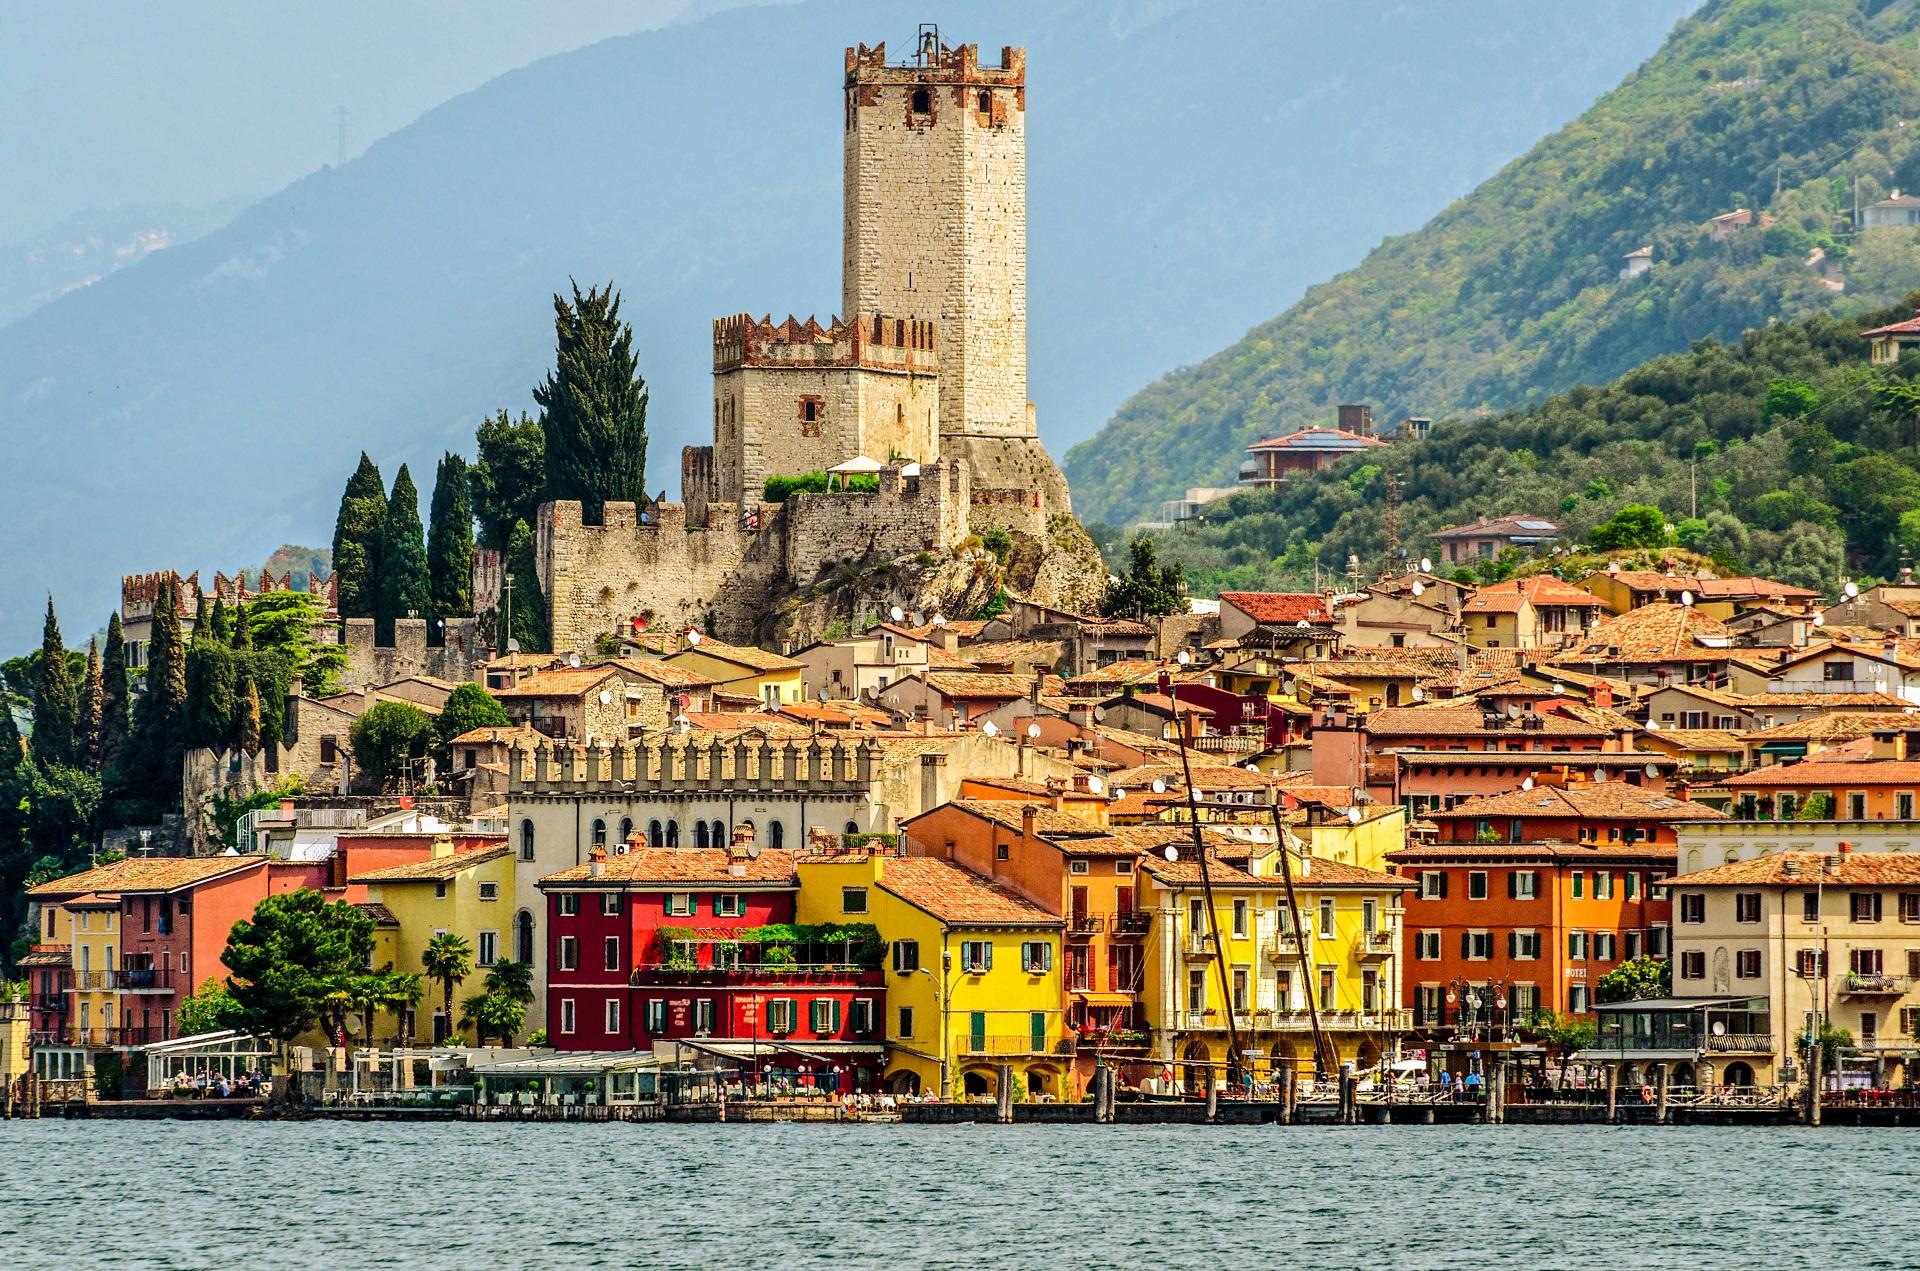 Hotel San Marco Garda Italy